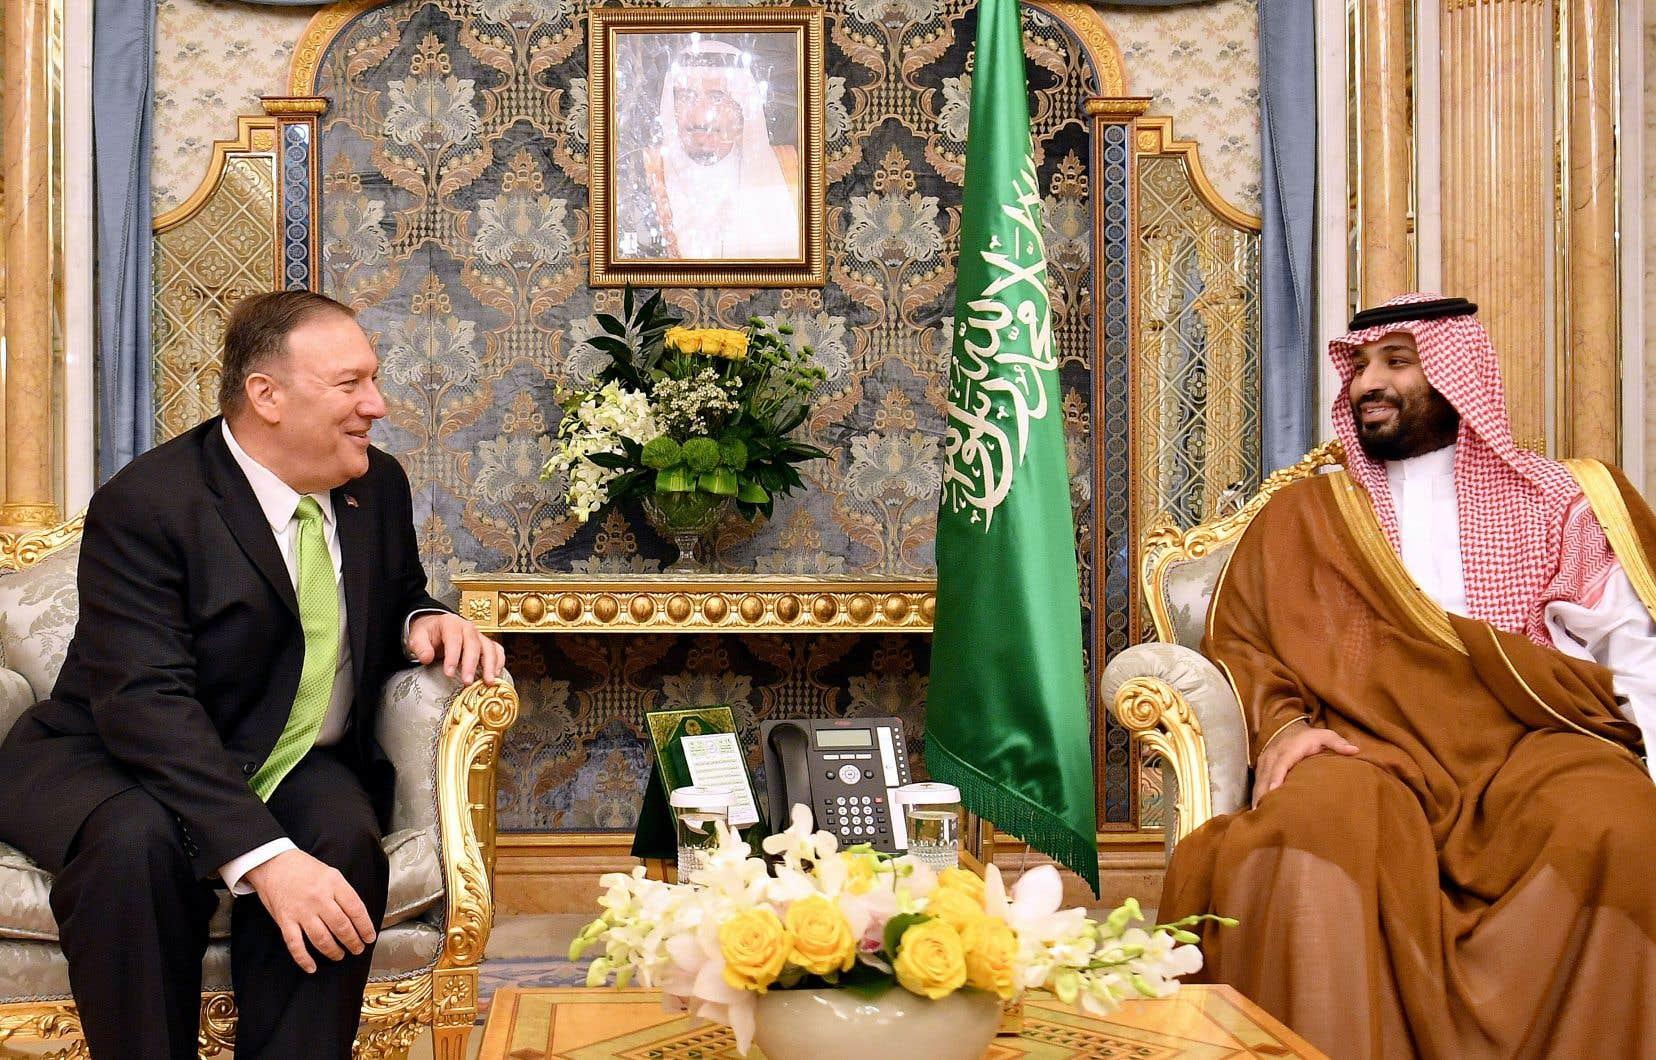 Le secrétaire d'État américain, Mike Pompeo, a rencontré l'homme fort de l'Arabie saoudite, le prince héritier Mohammed ben Salmane, mercredi, à Djeddah.